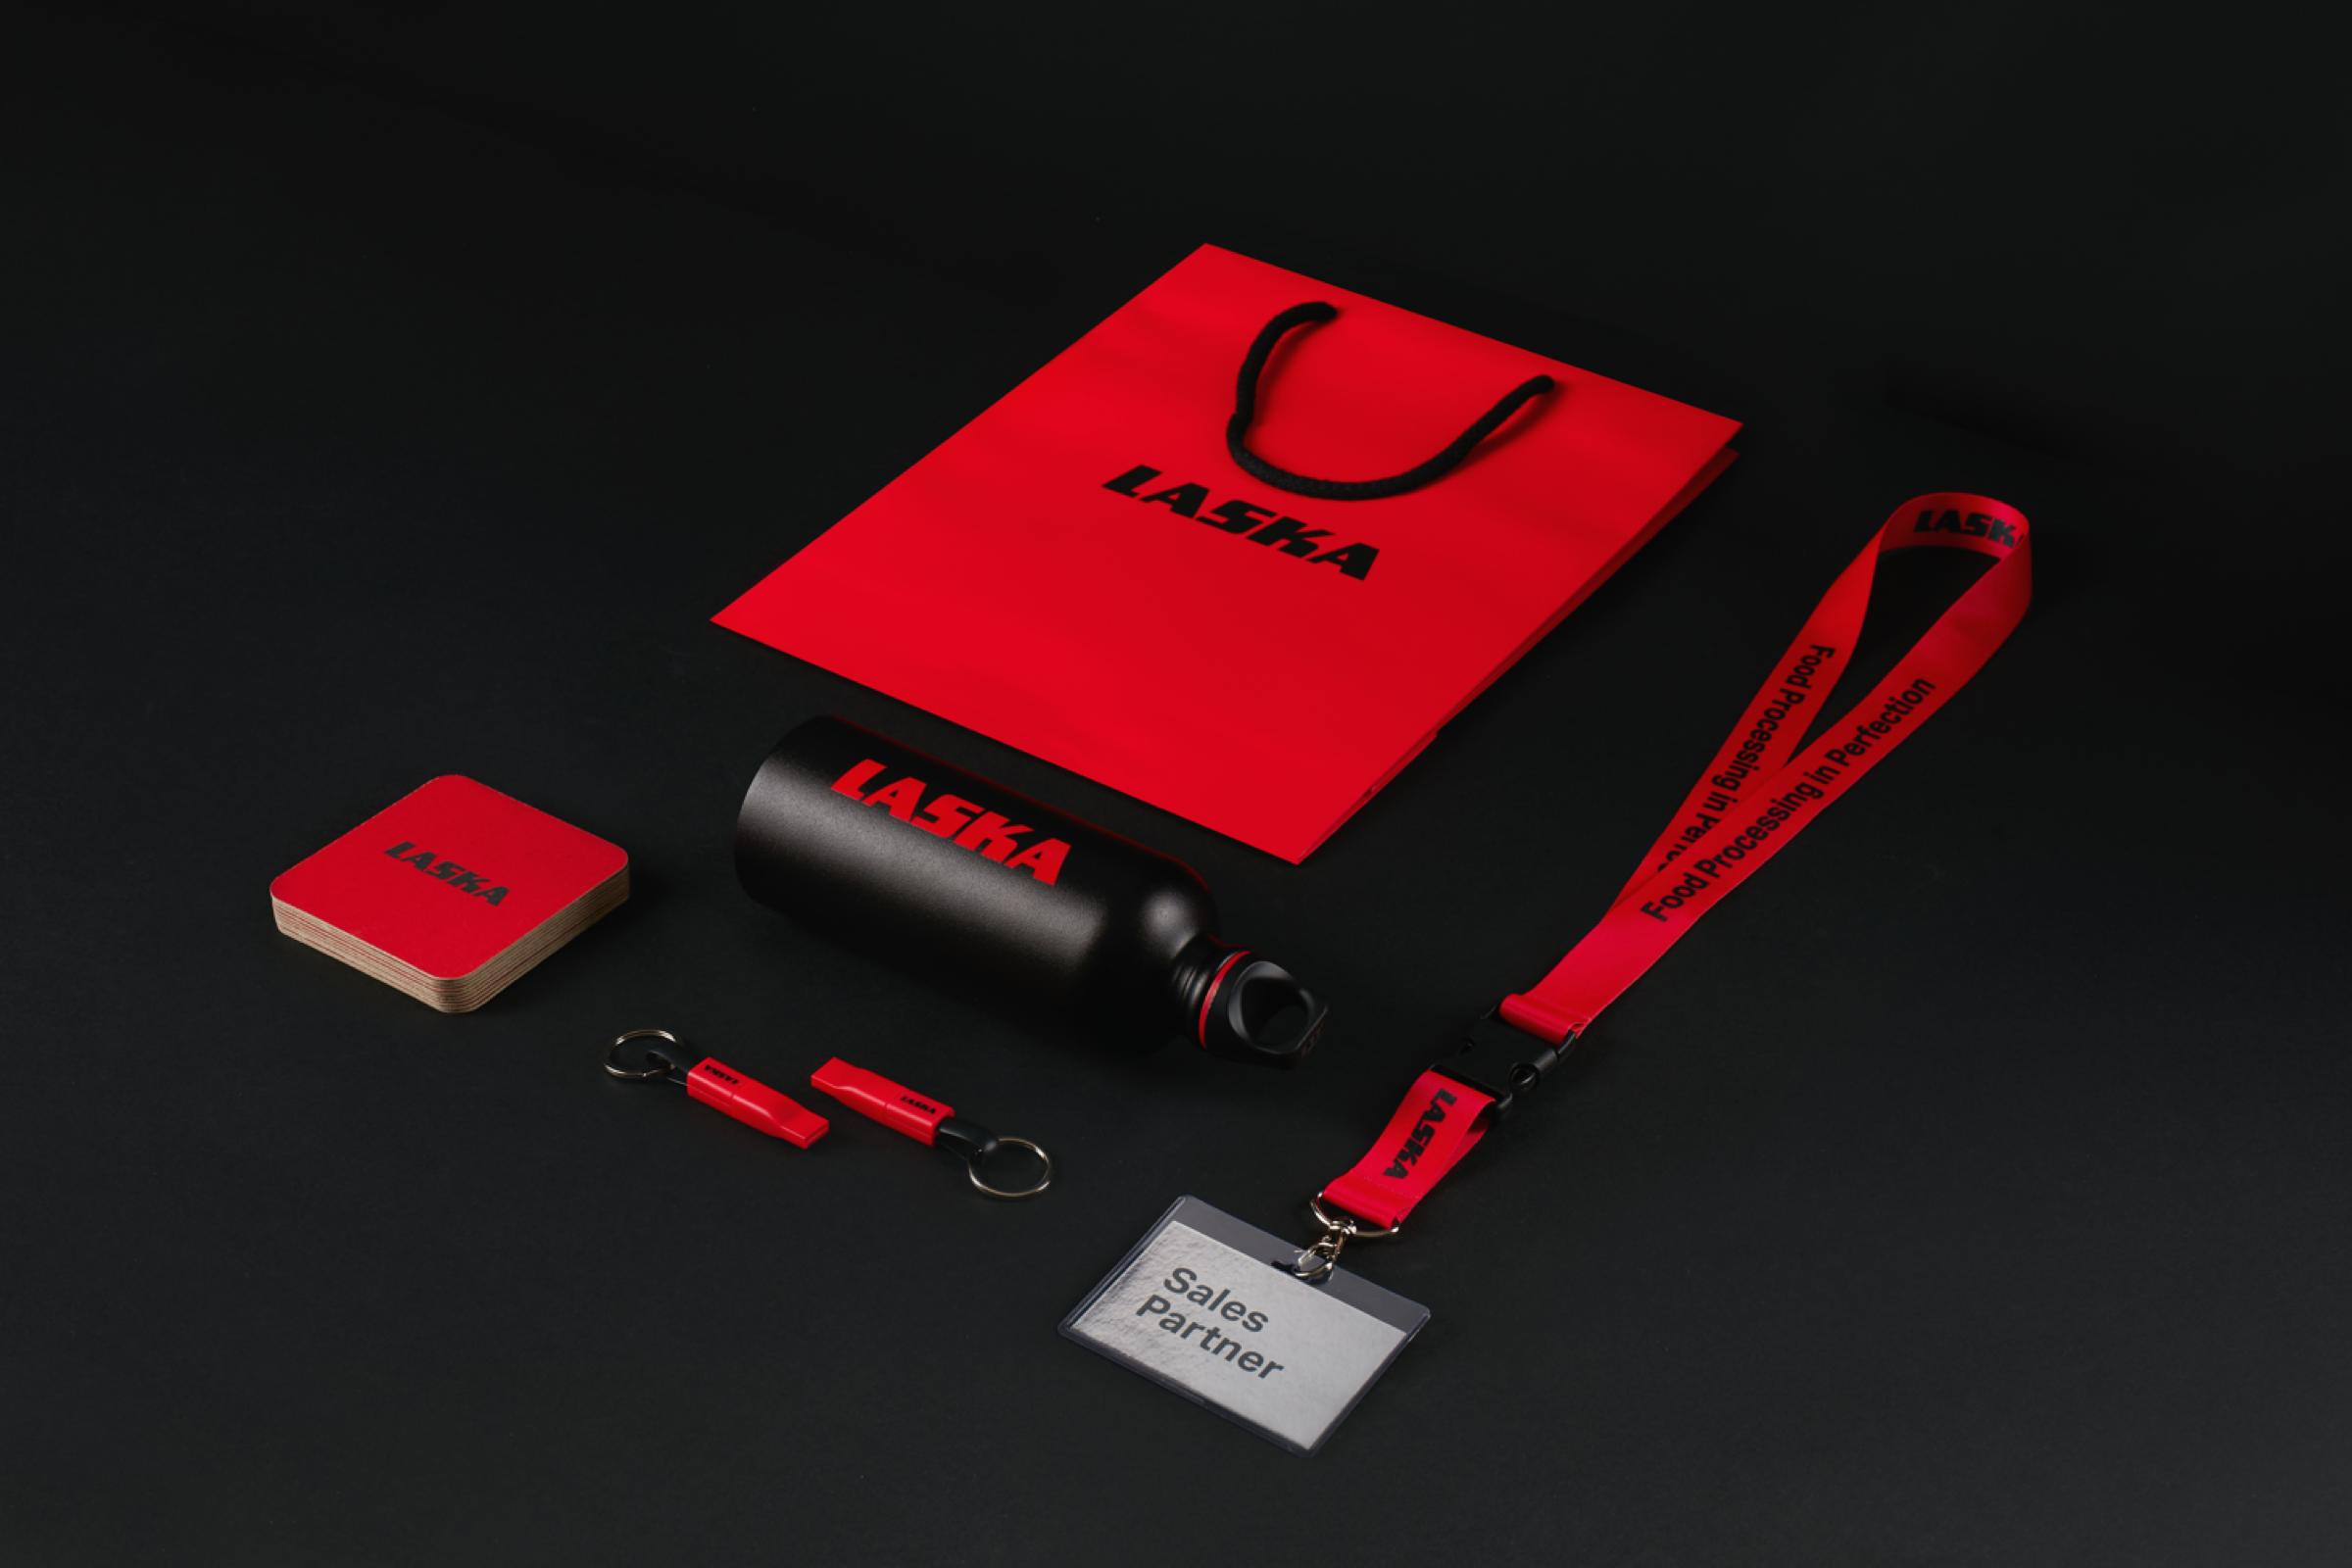 Ref Laska Branding 020 L Iffa